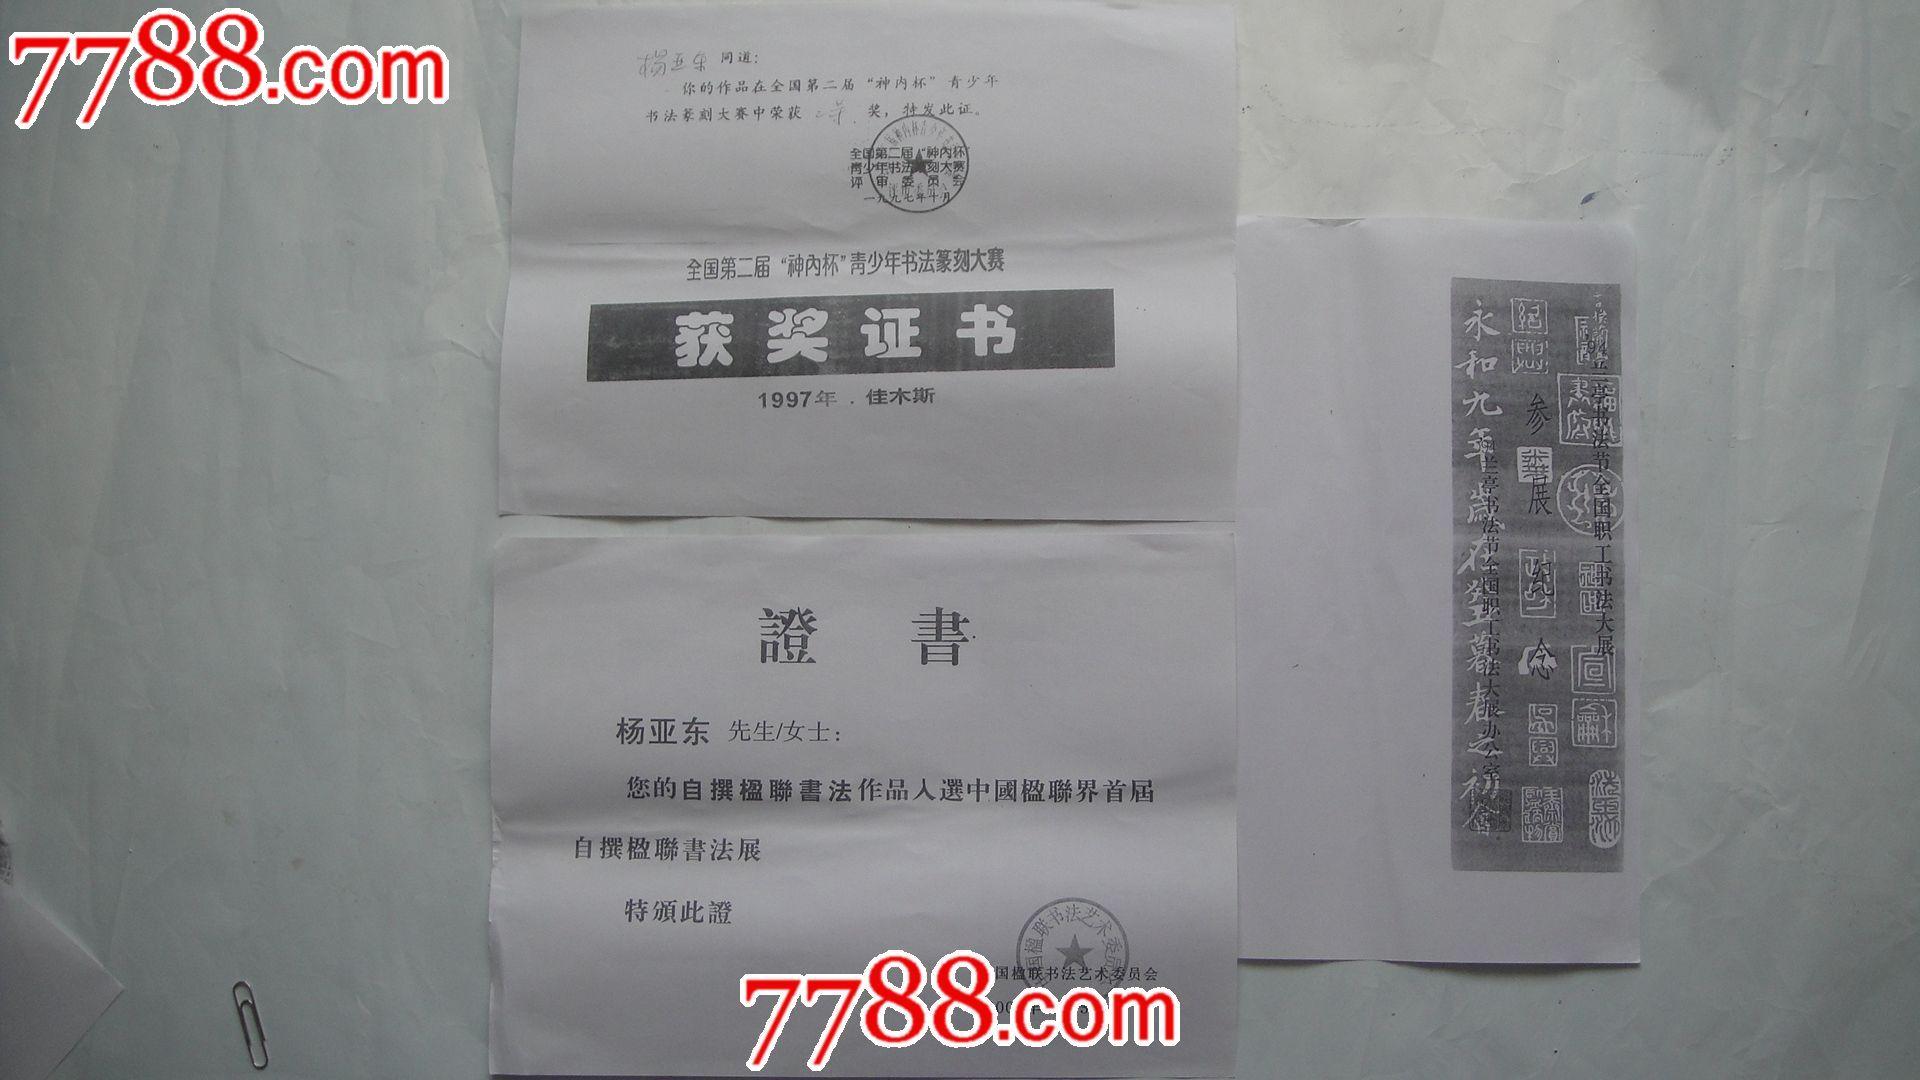 安徽省书法家协会入会申请表(杨亚东)带有各类获奖证书复印件图片